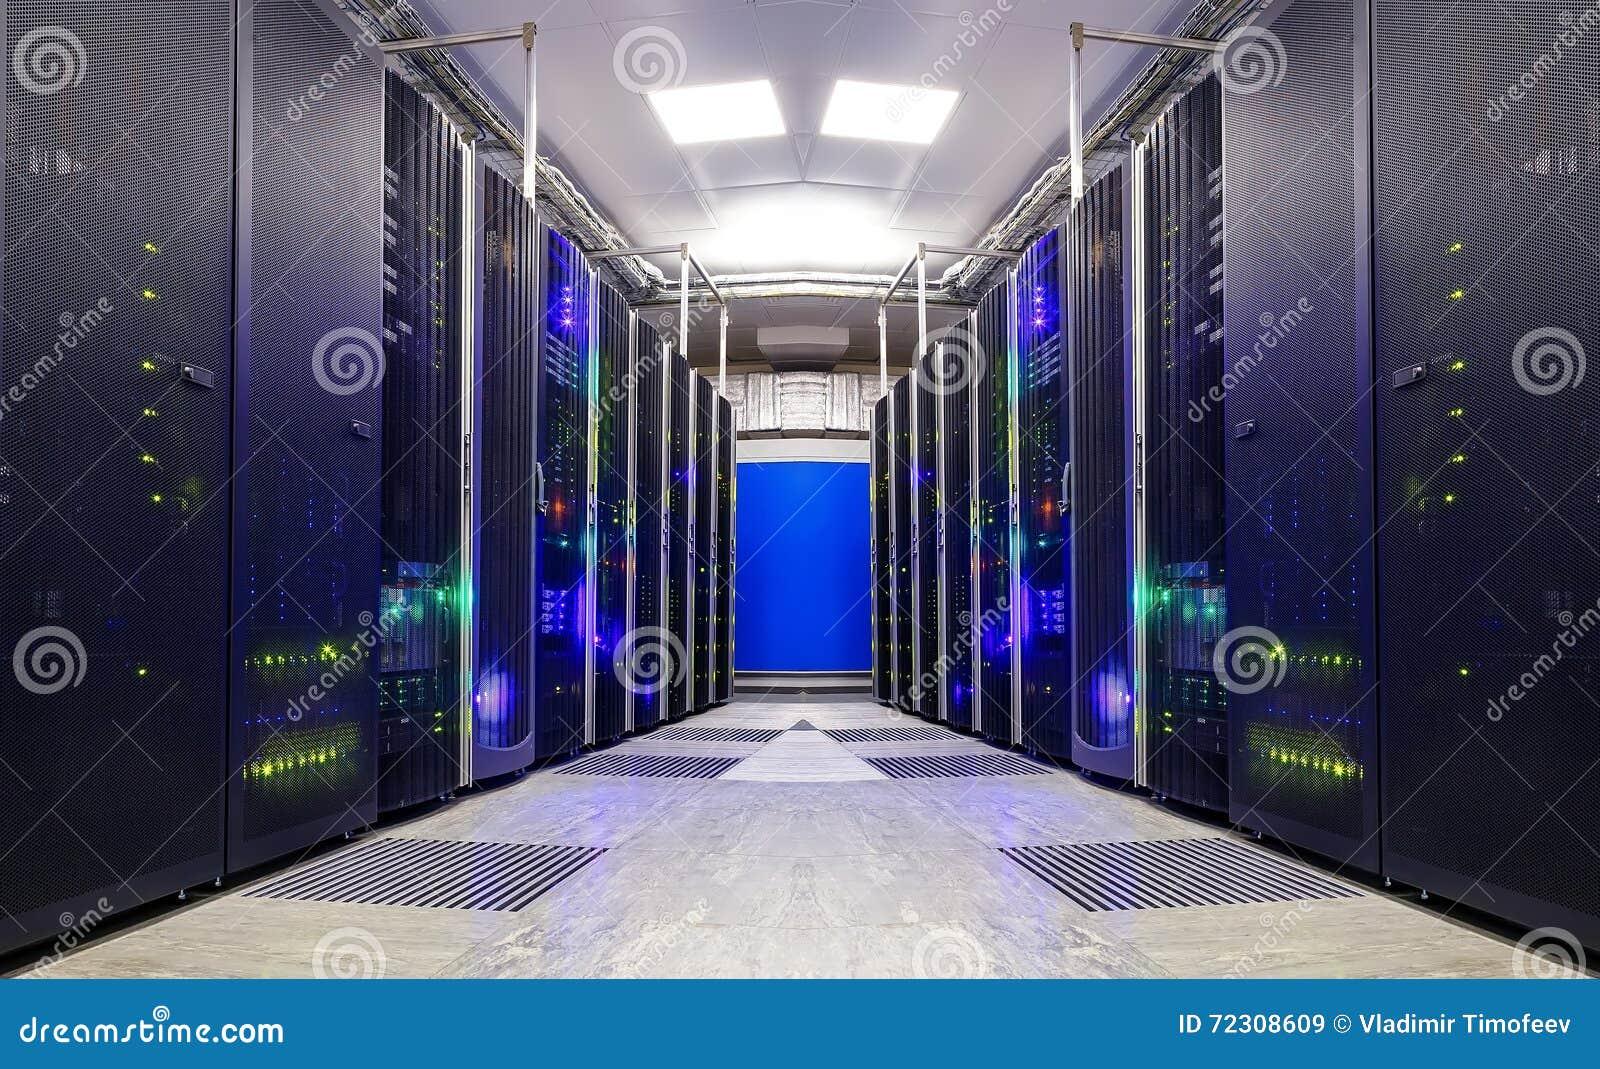 Симметричная футуристическая современная комната сервера в центре данных с